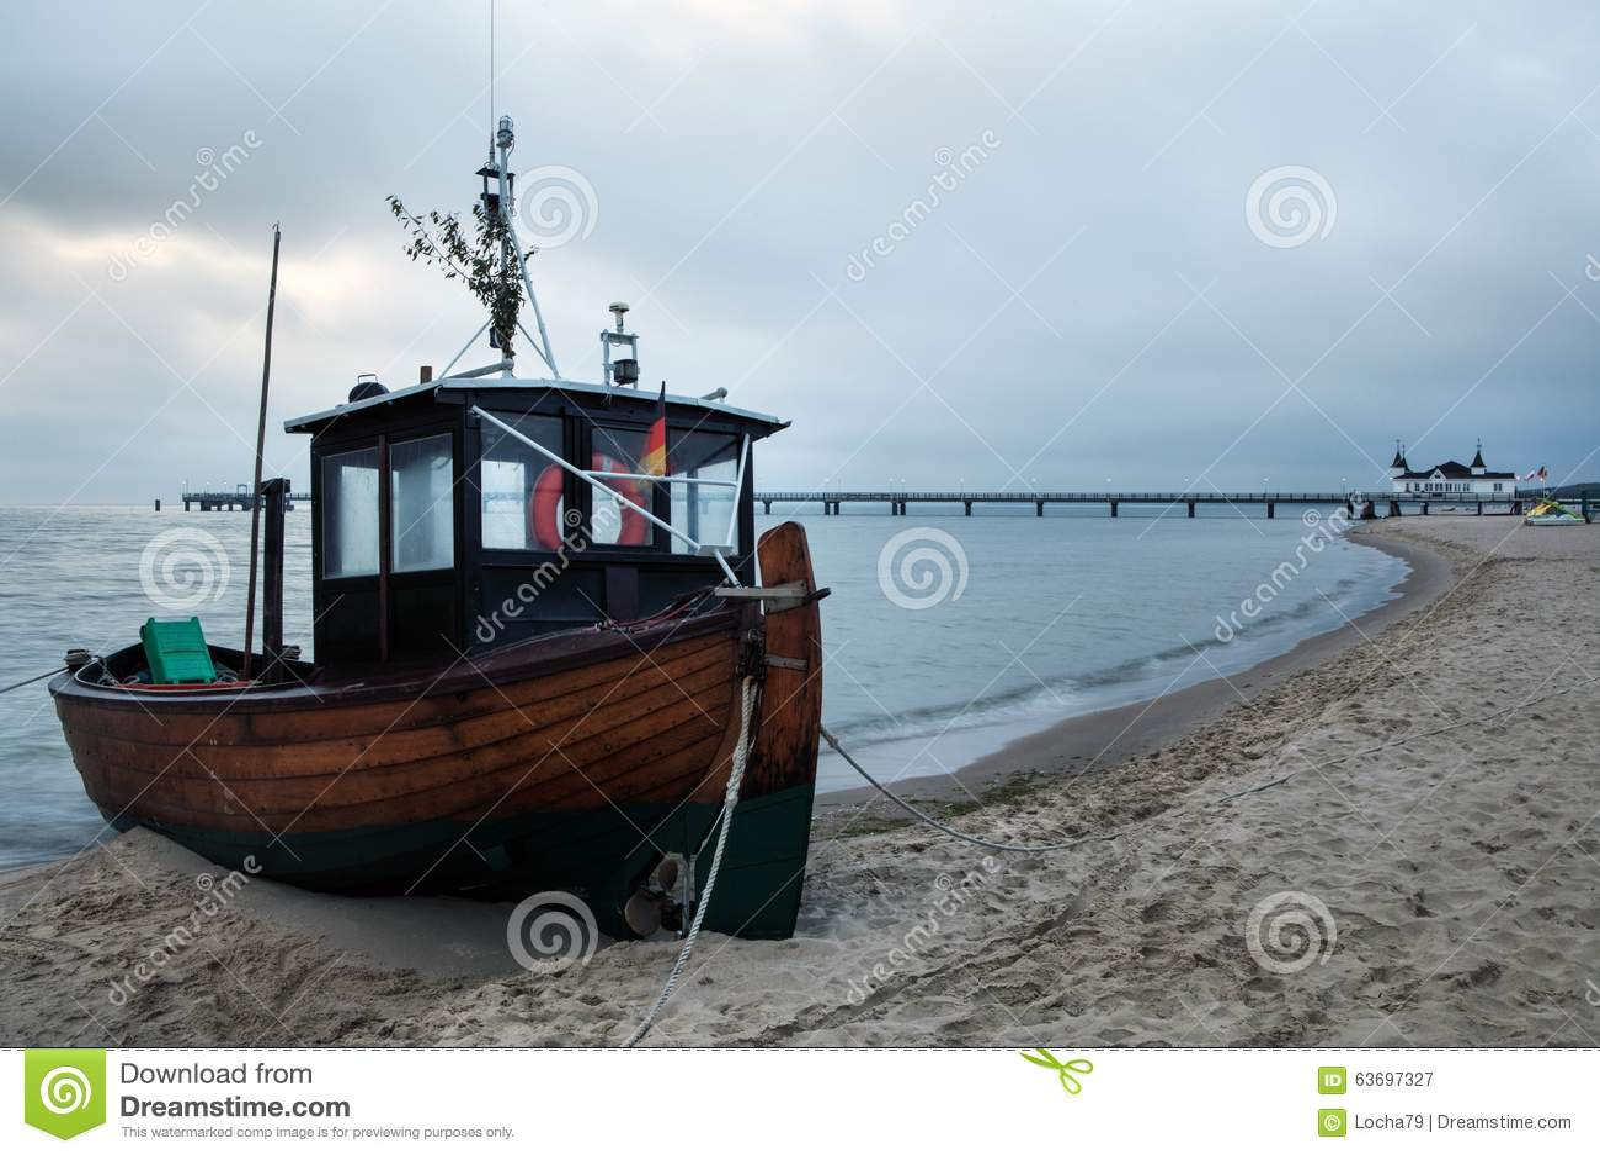 Fishing Boat Stock Photo - Image: 63697327